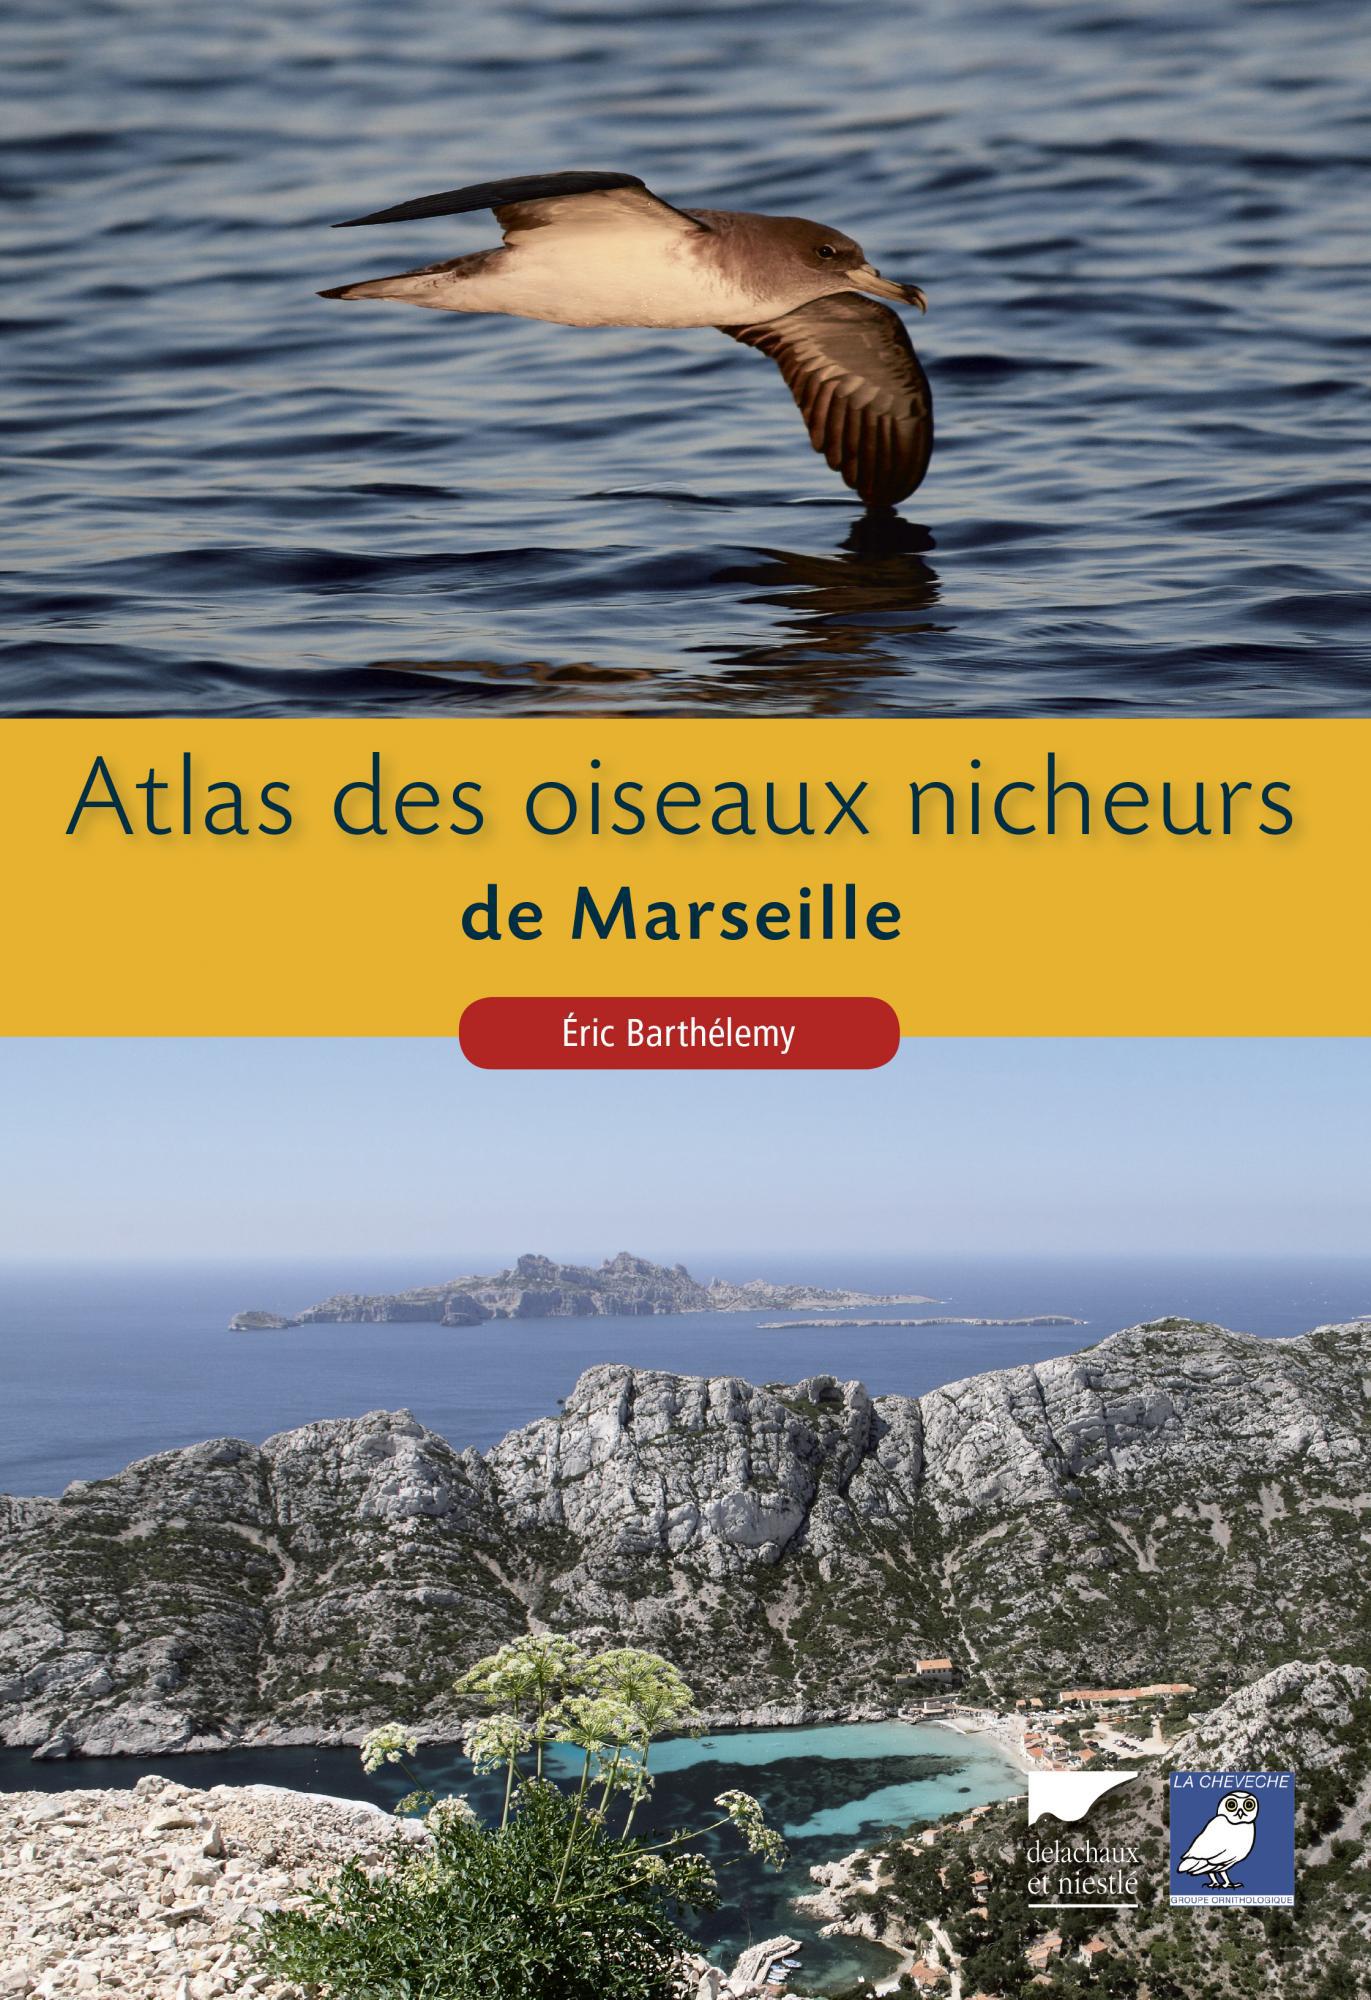 Atlas-des-oiseaux-nicheurs-de-marseille